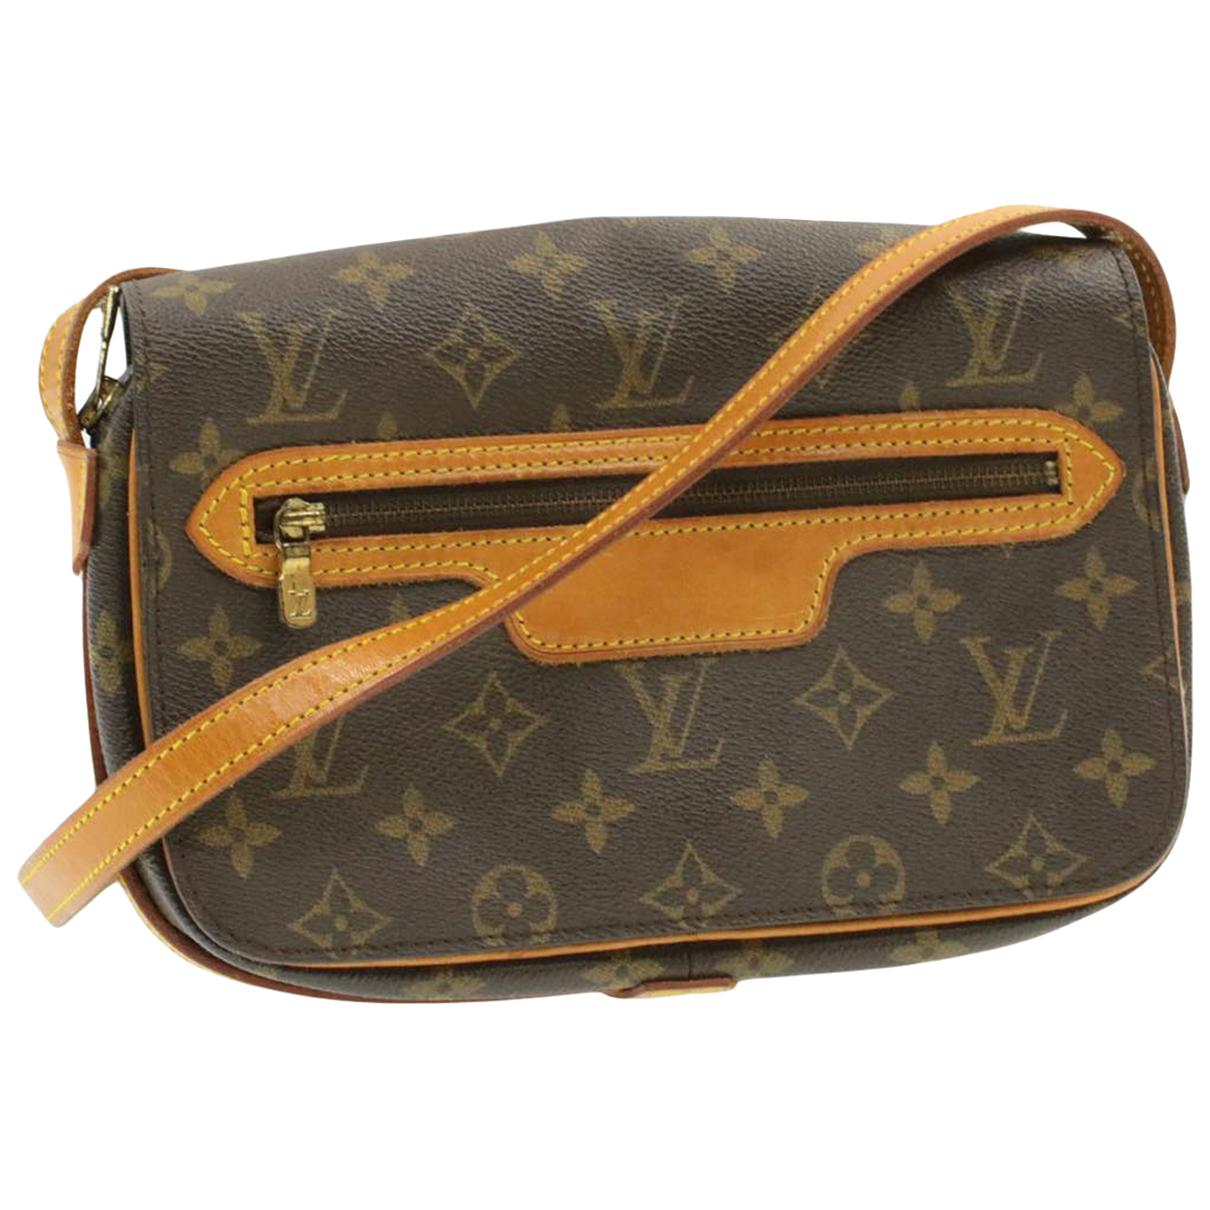 Louis Vuitton Saint-Germain Handtasche in  Braun Leinen